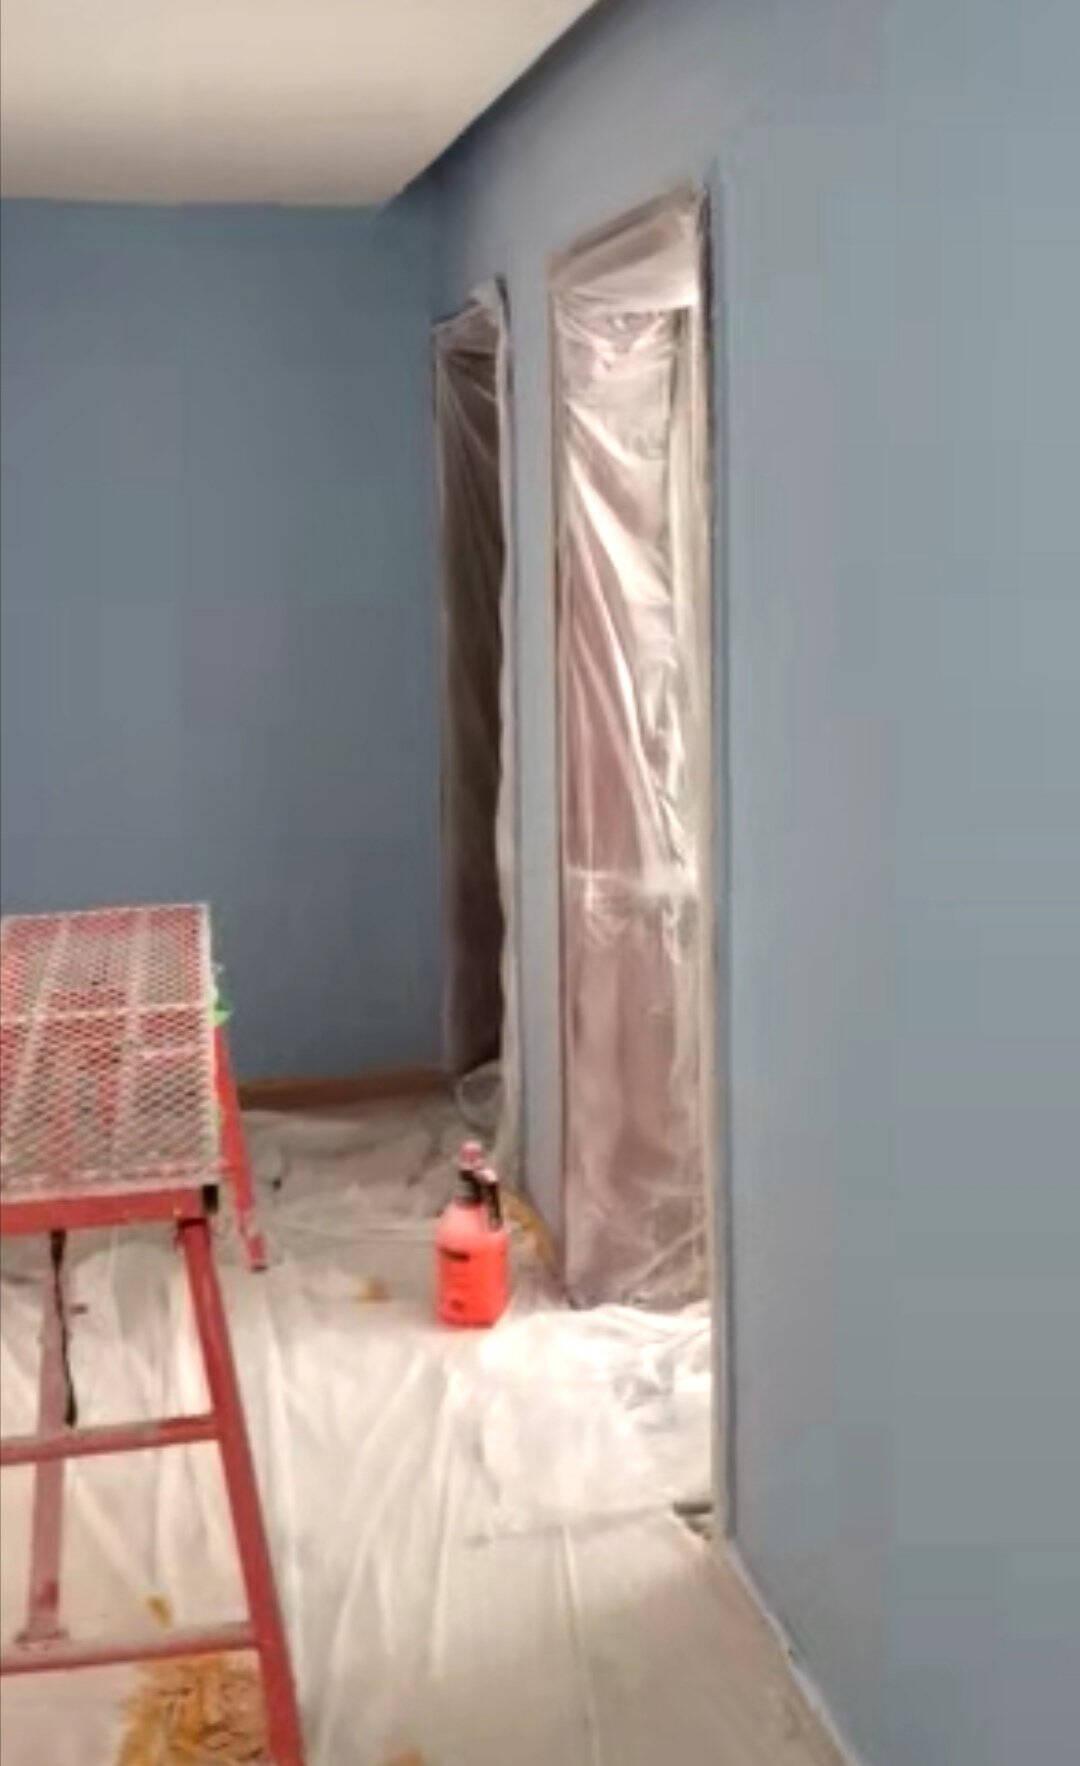 嘉宝莉CARPOLY内墙乳胶漆无添加净味三合一内墙墙面漆新家自刷白色水性环保油漆涂料无添加净味三合一白面漆-20kg